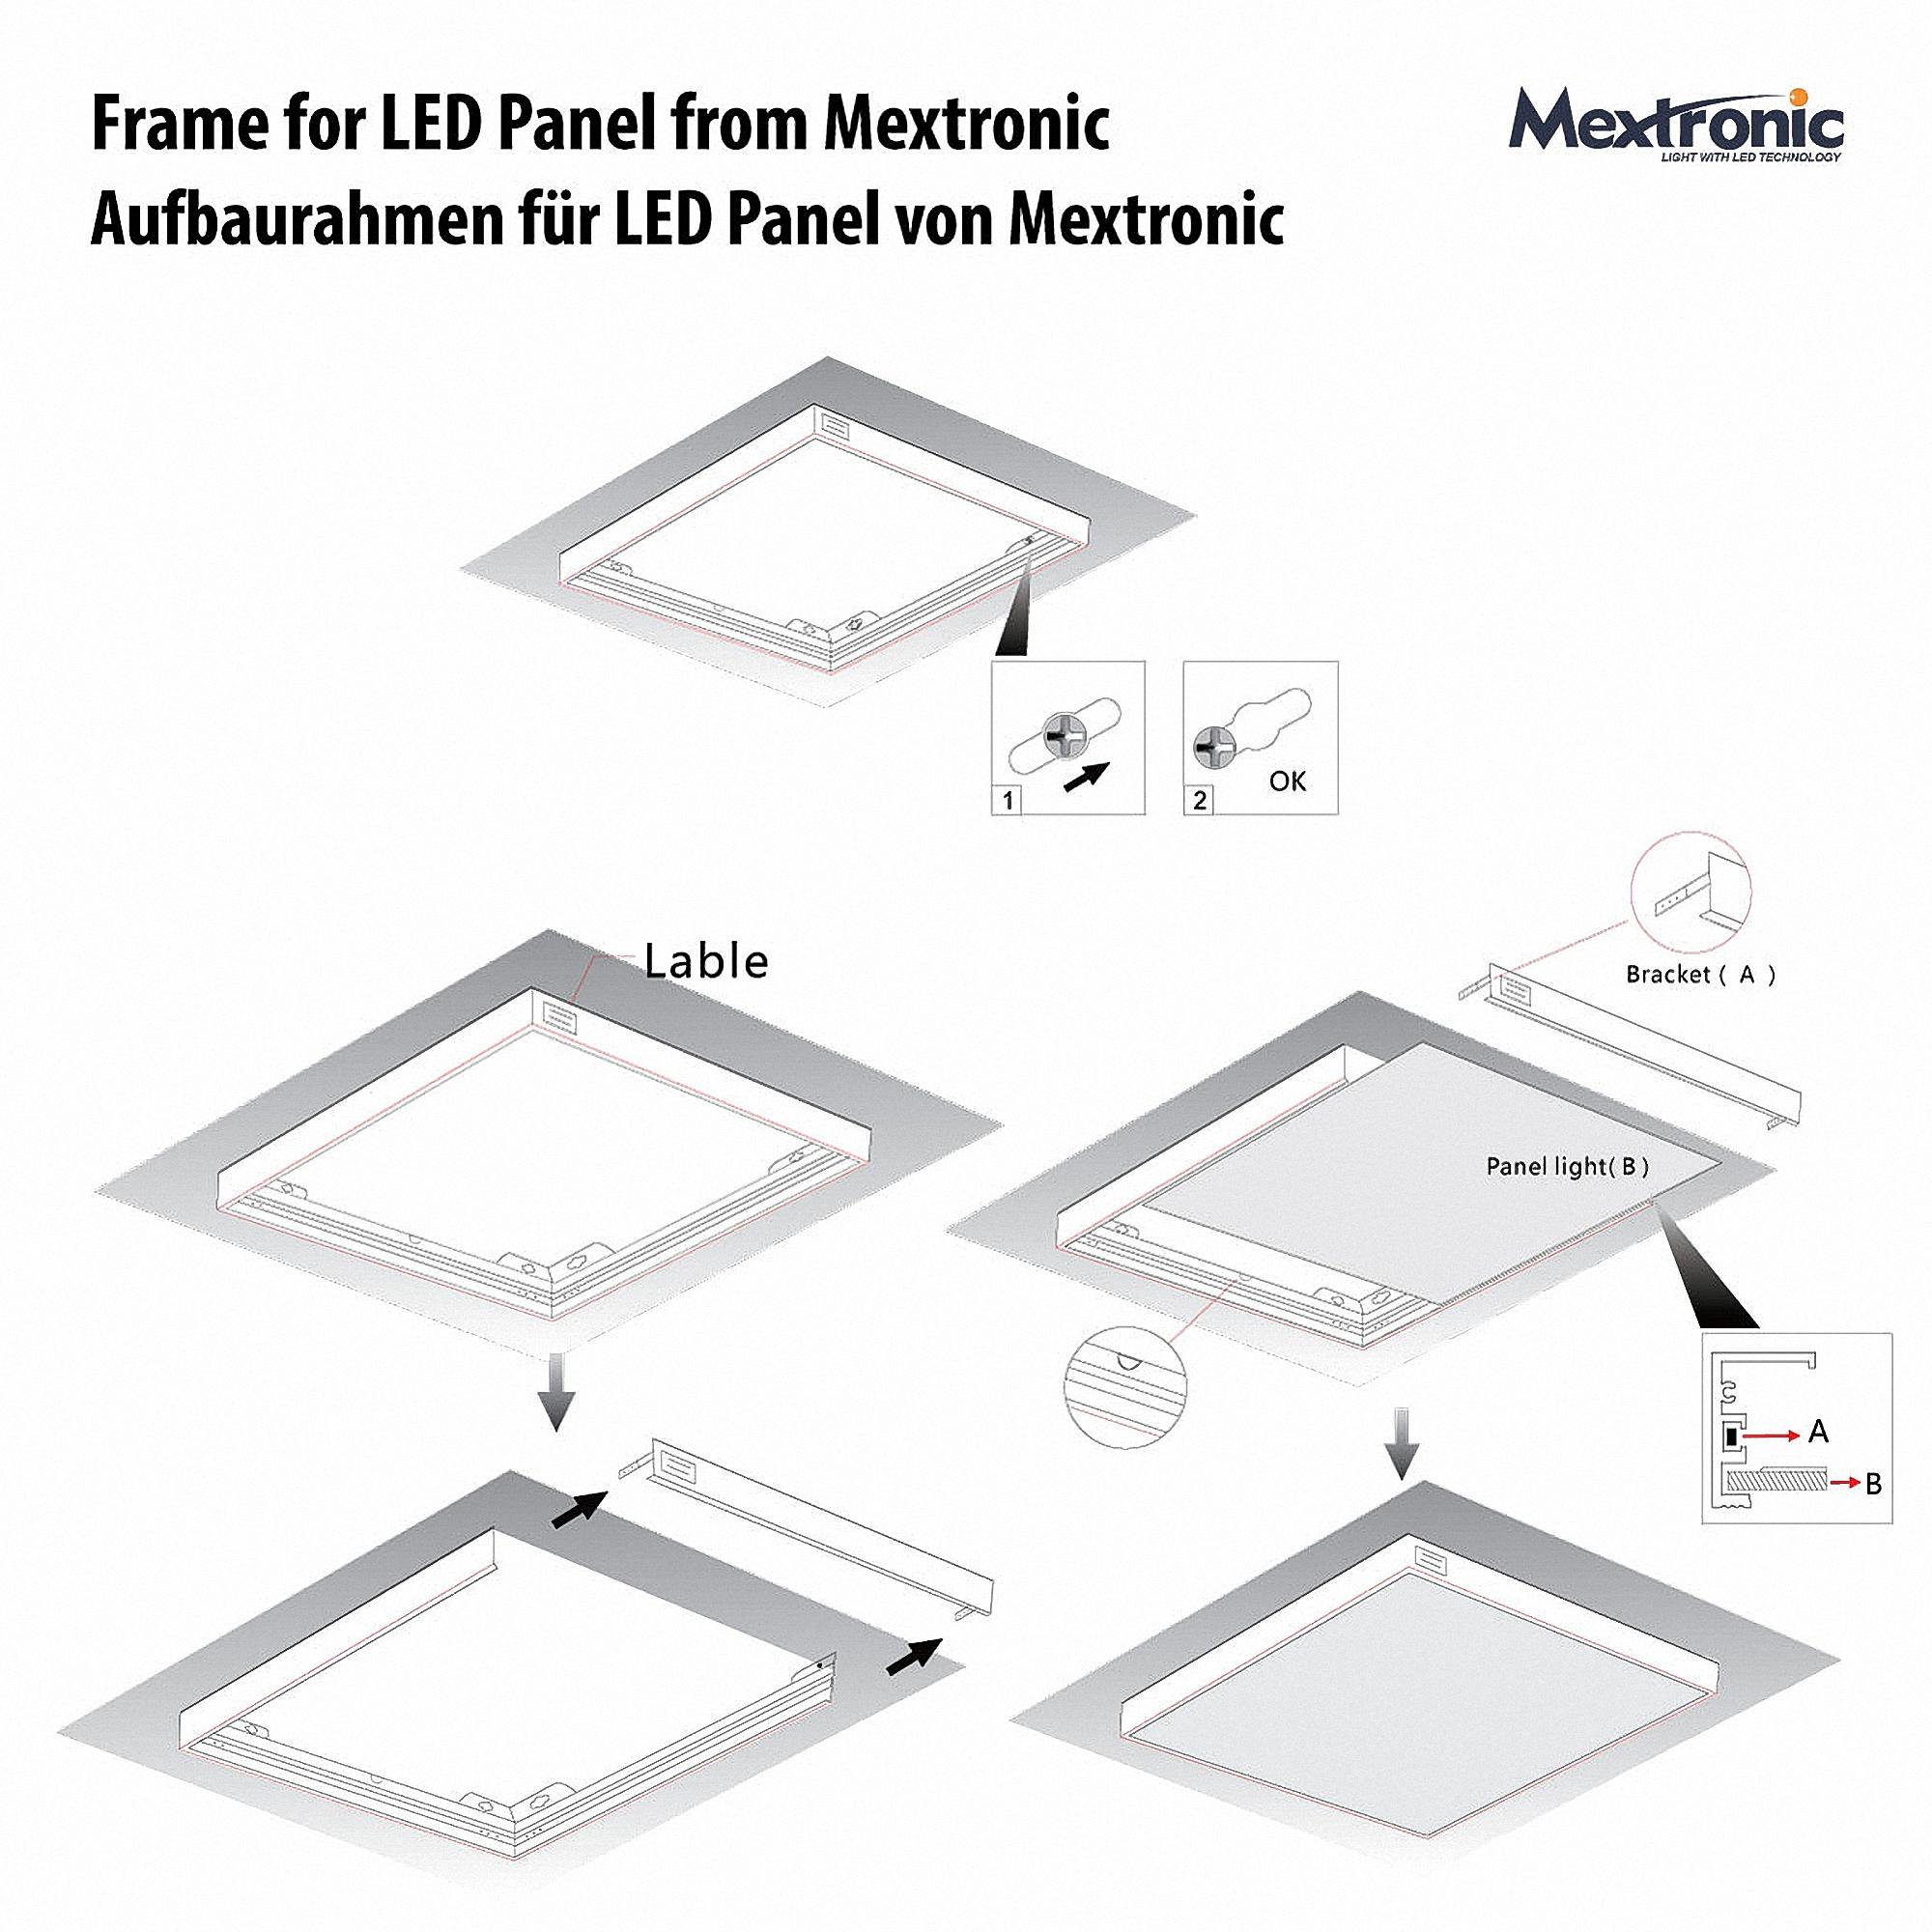 Montagerahmen S1030 für 30x30 LED PANEL Aufbau Anbau MextronicShop ...